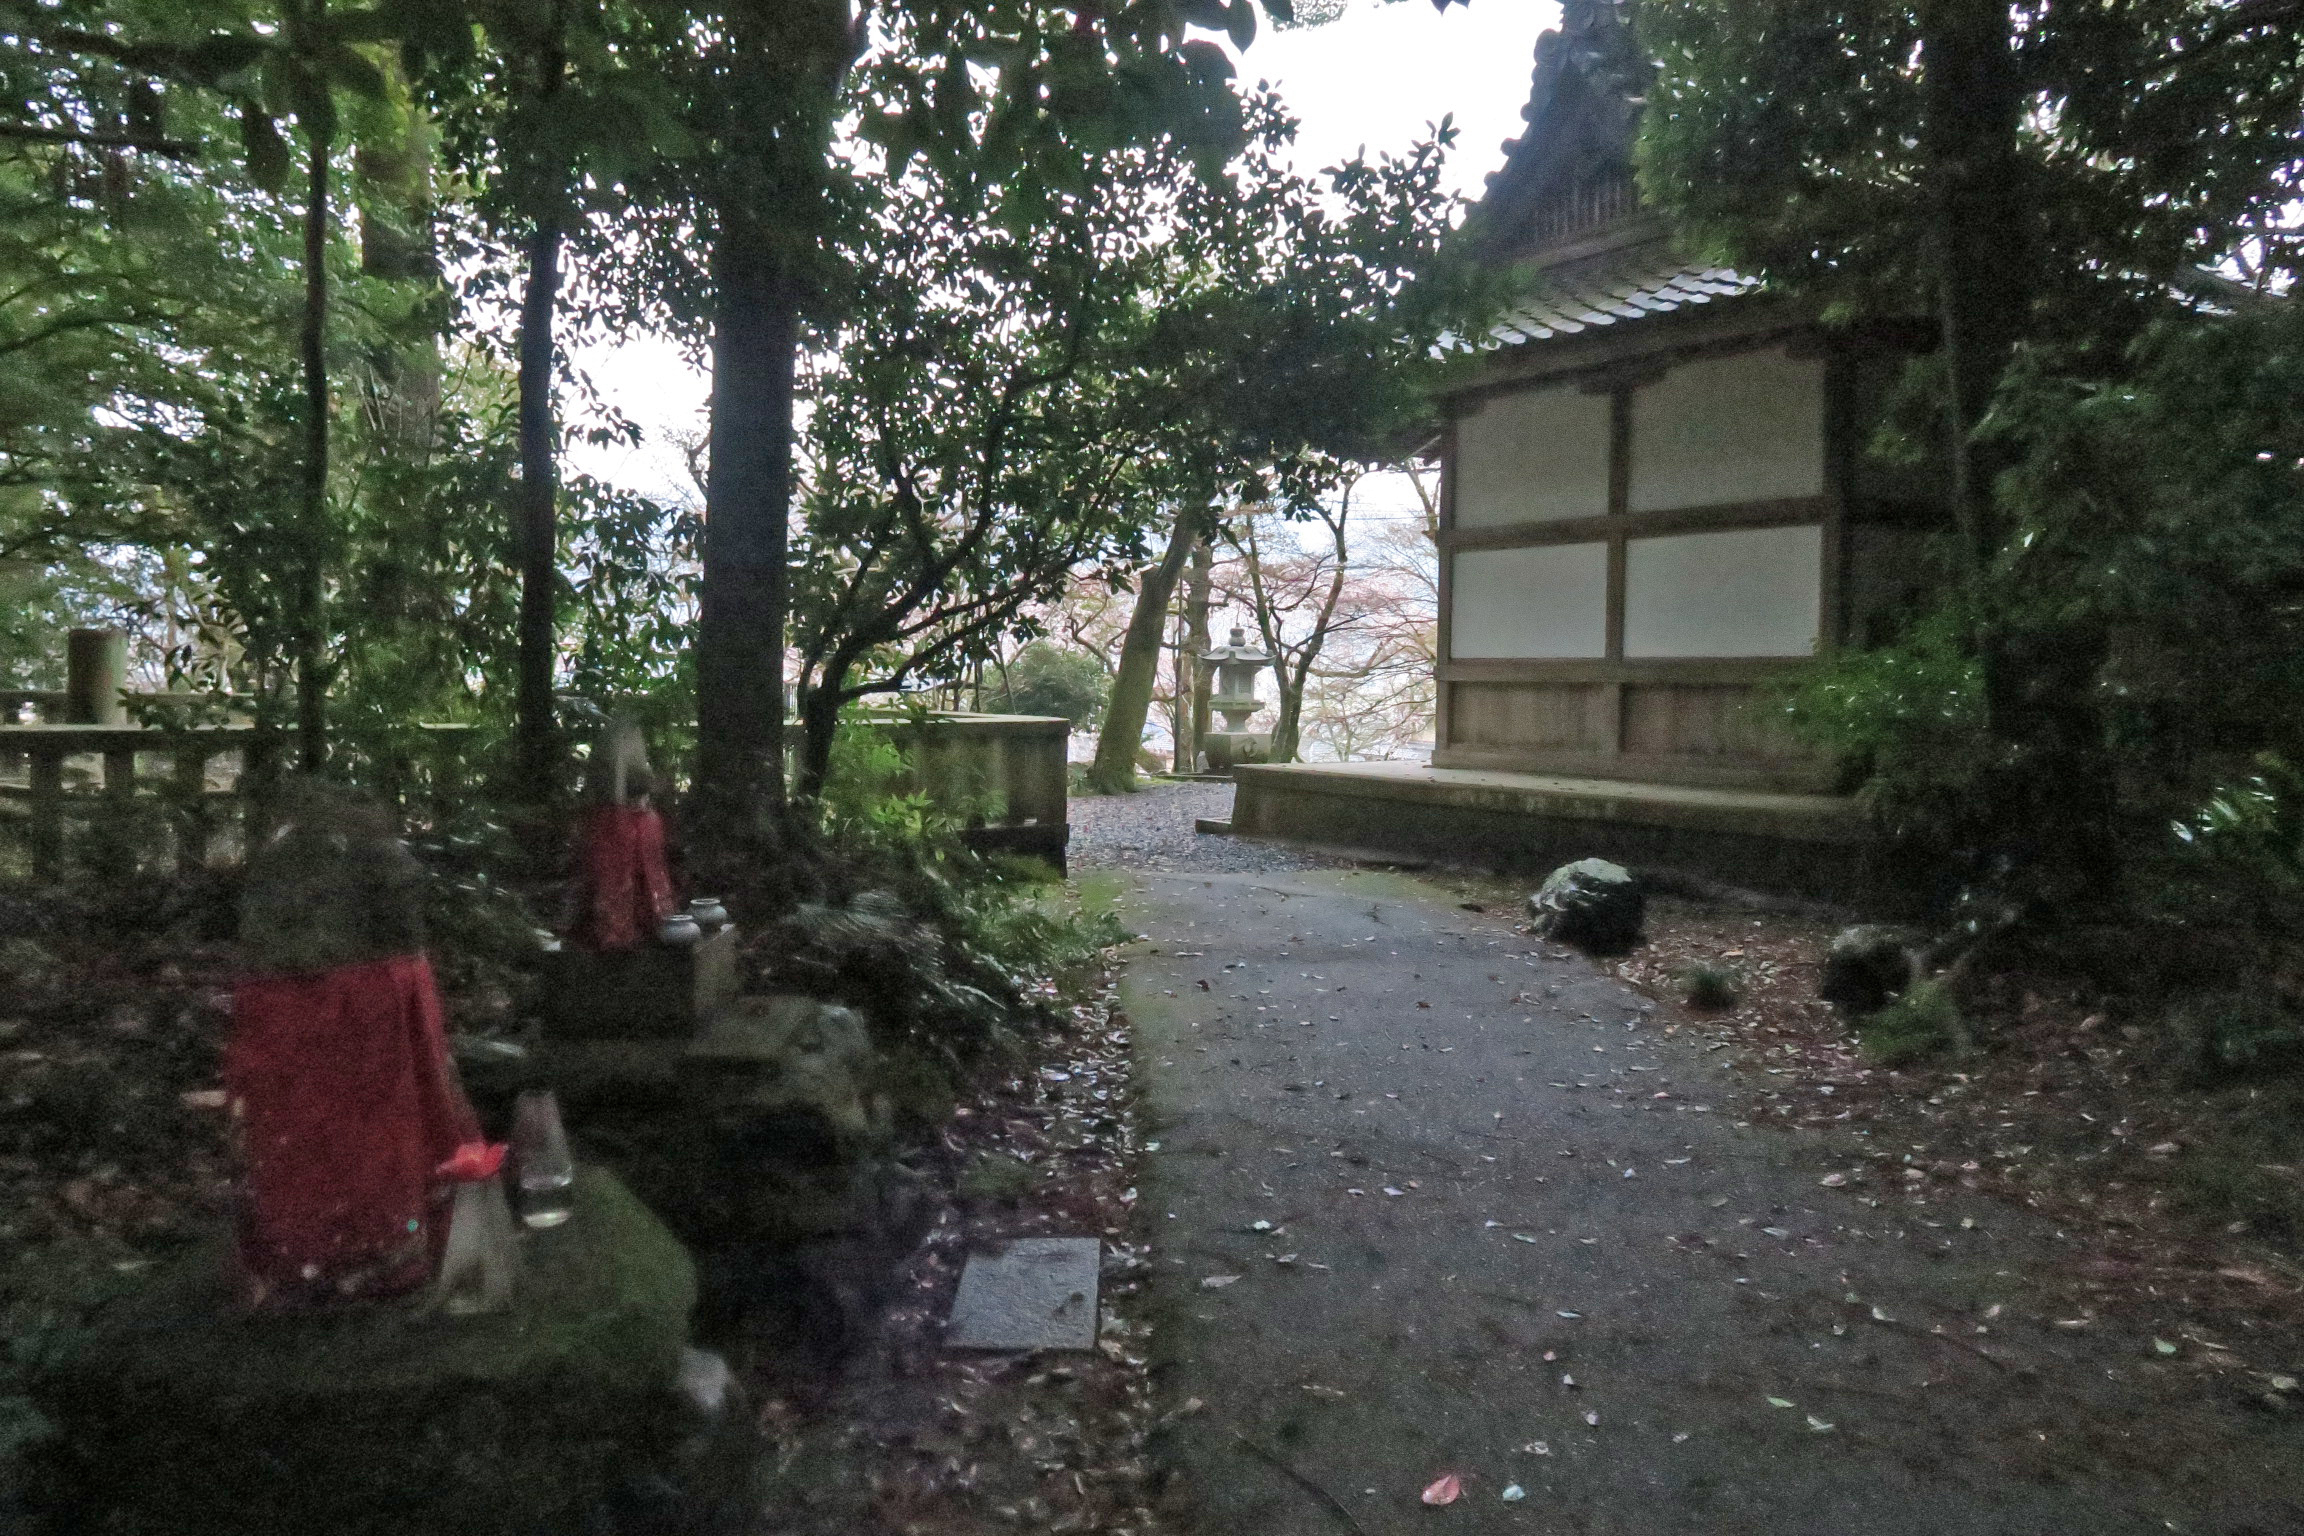 岩屋寺に向かいます。時間も遅いので道は暗くなってきました。